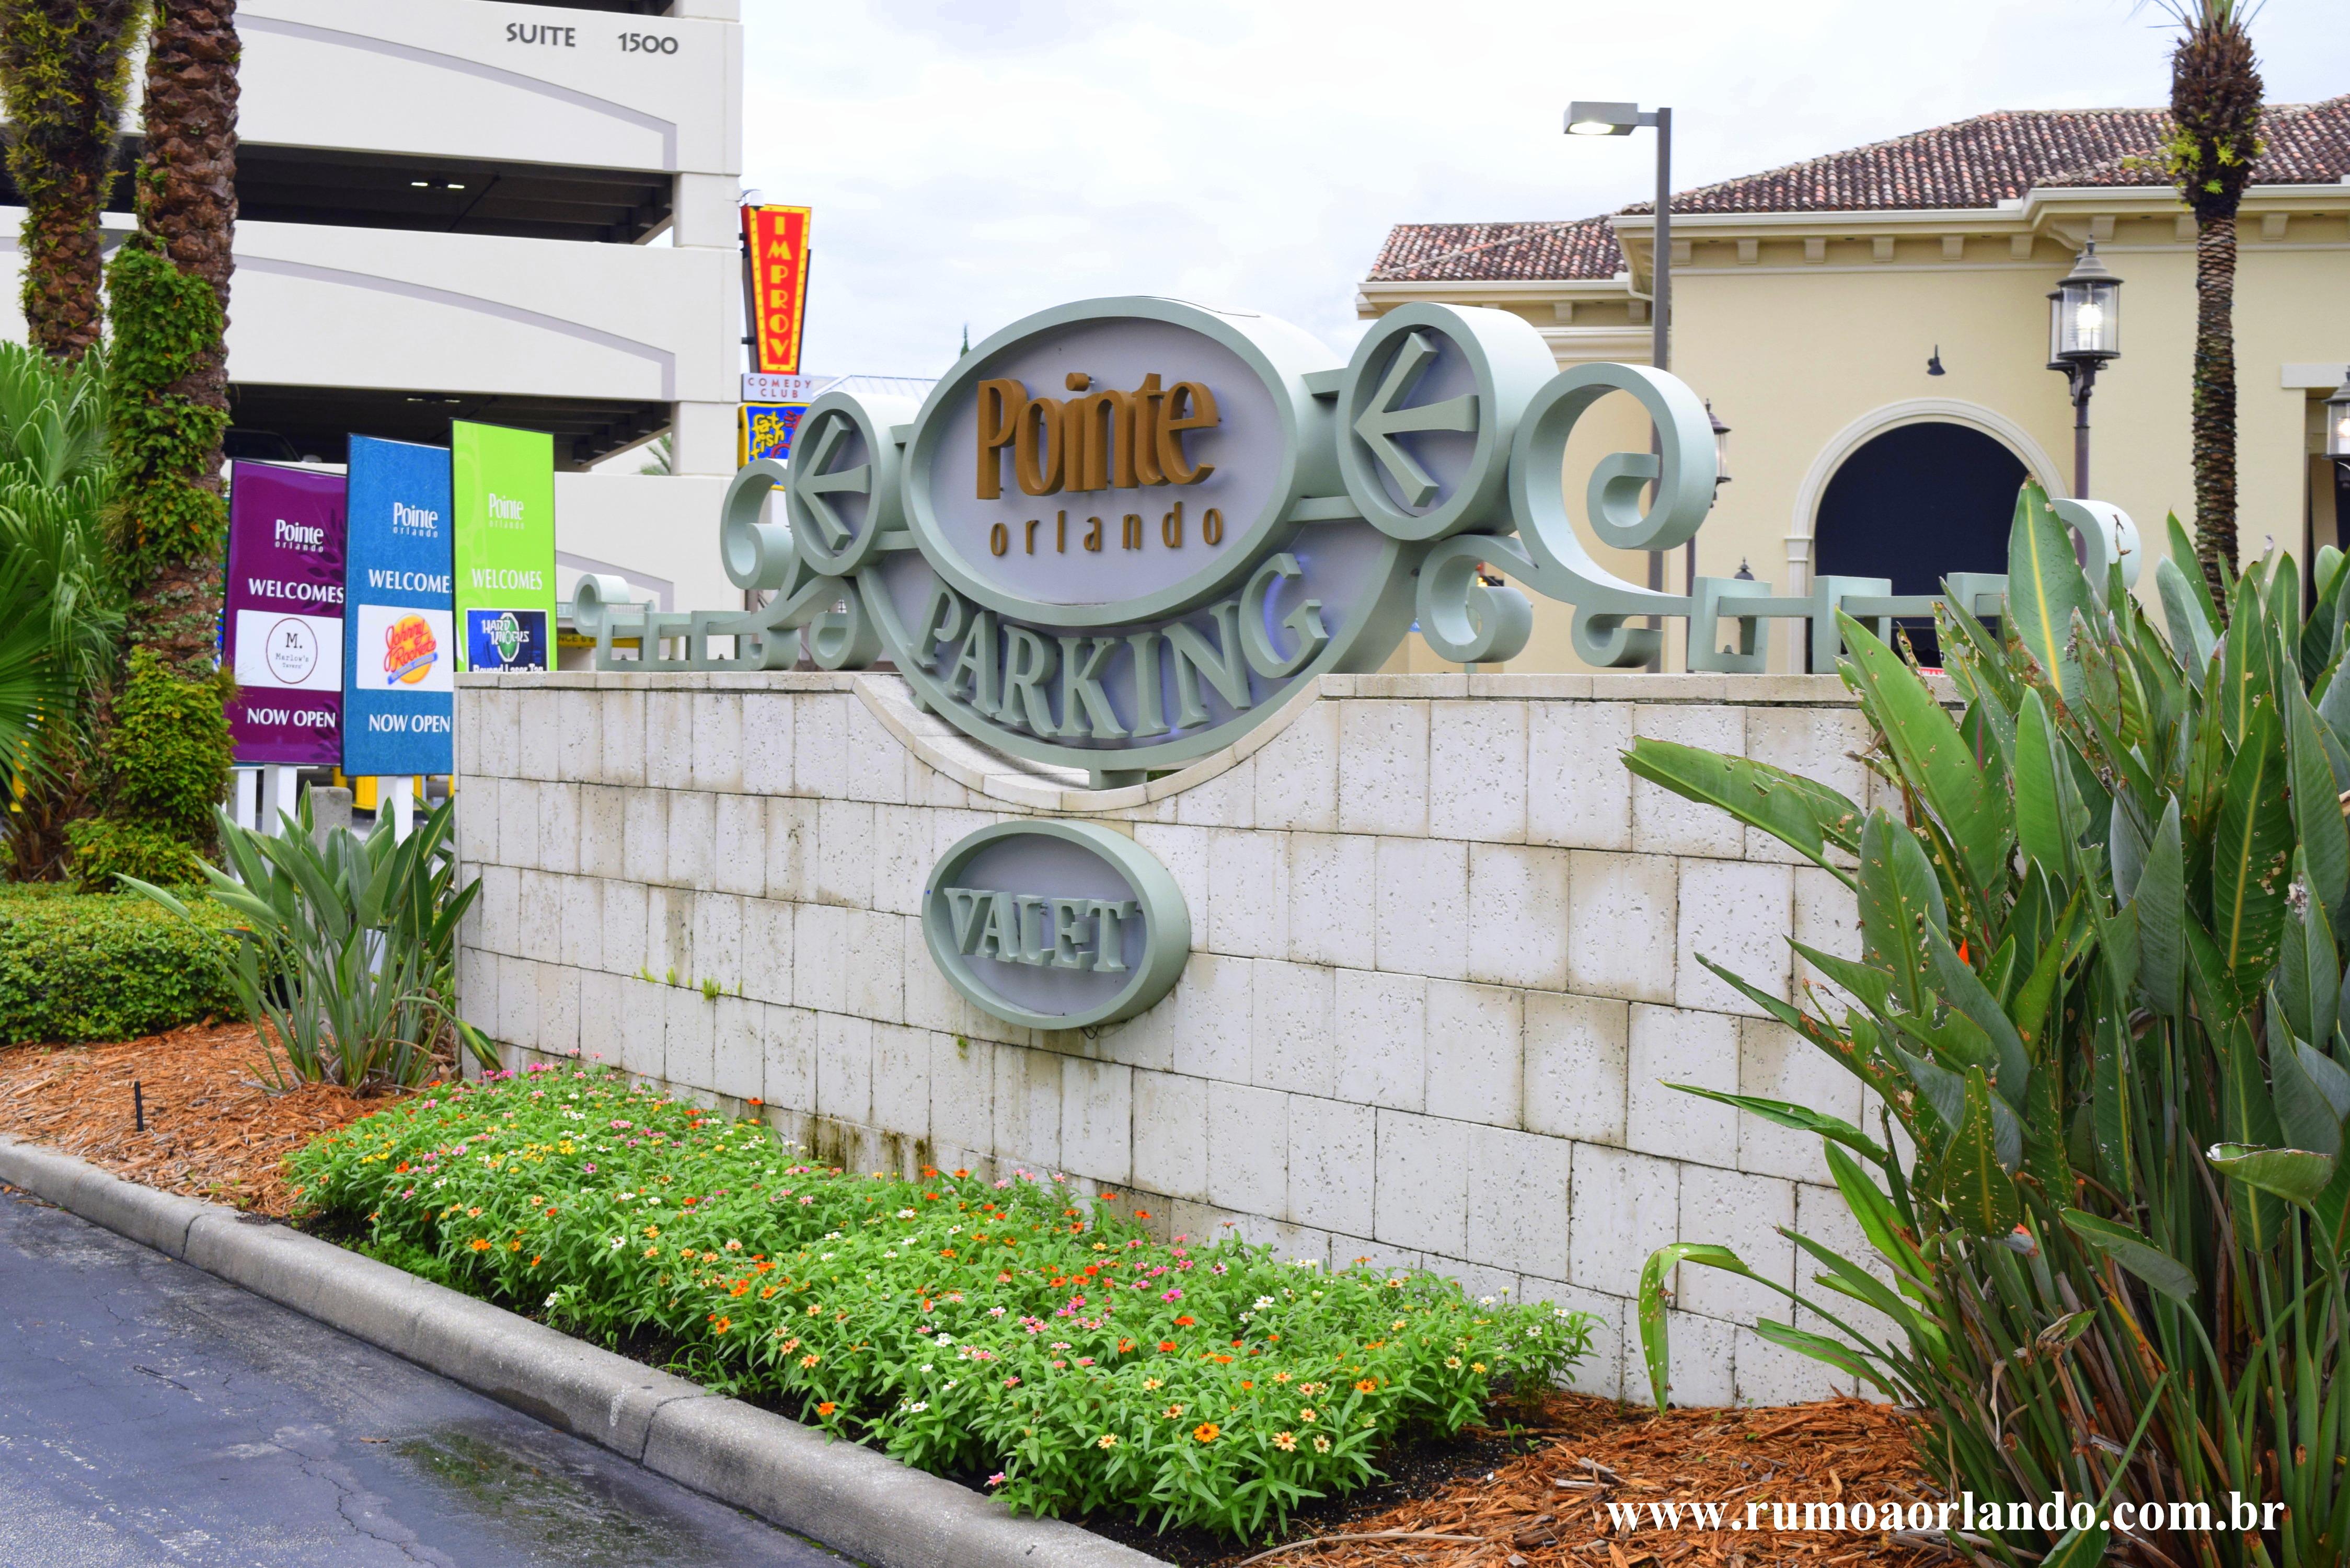 Shopping Pointe Orlando